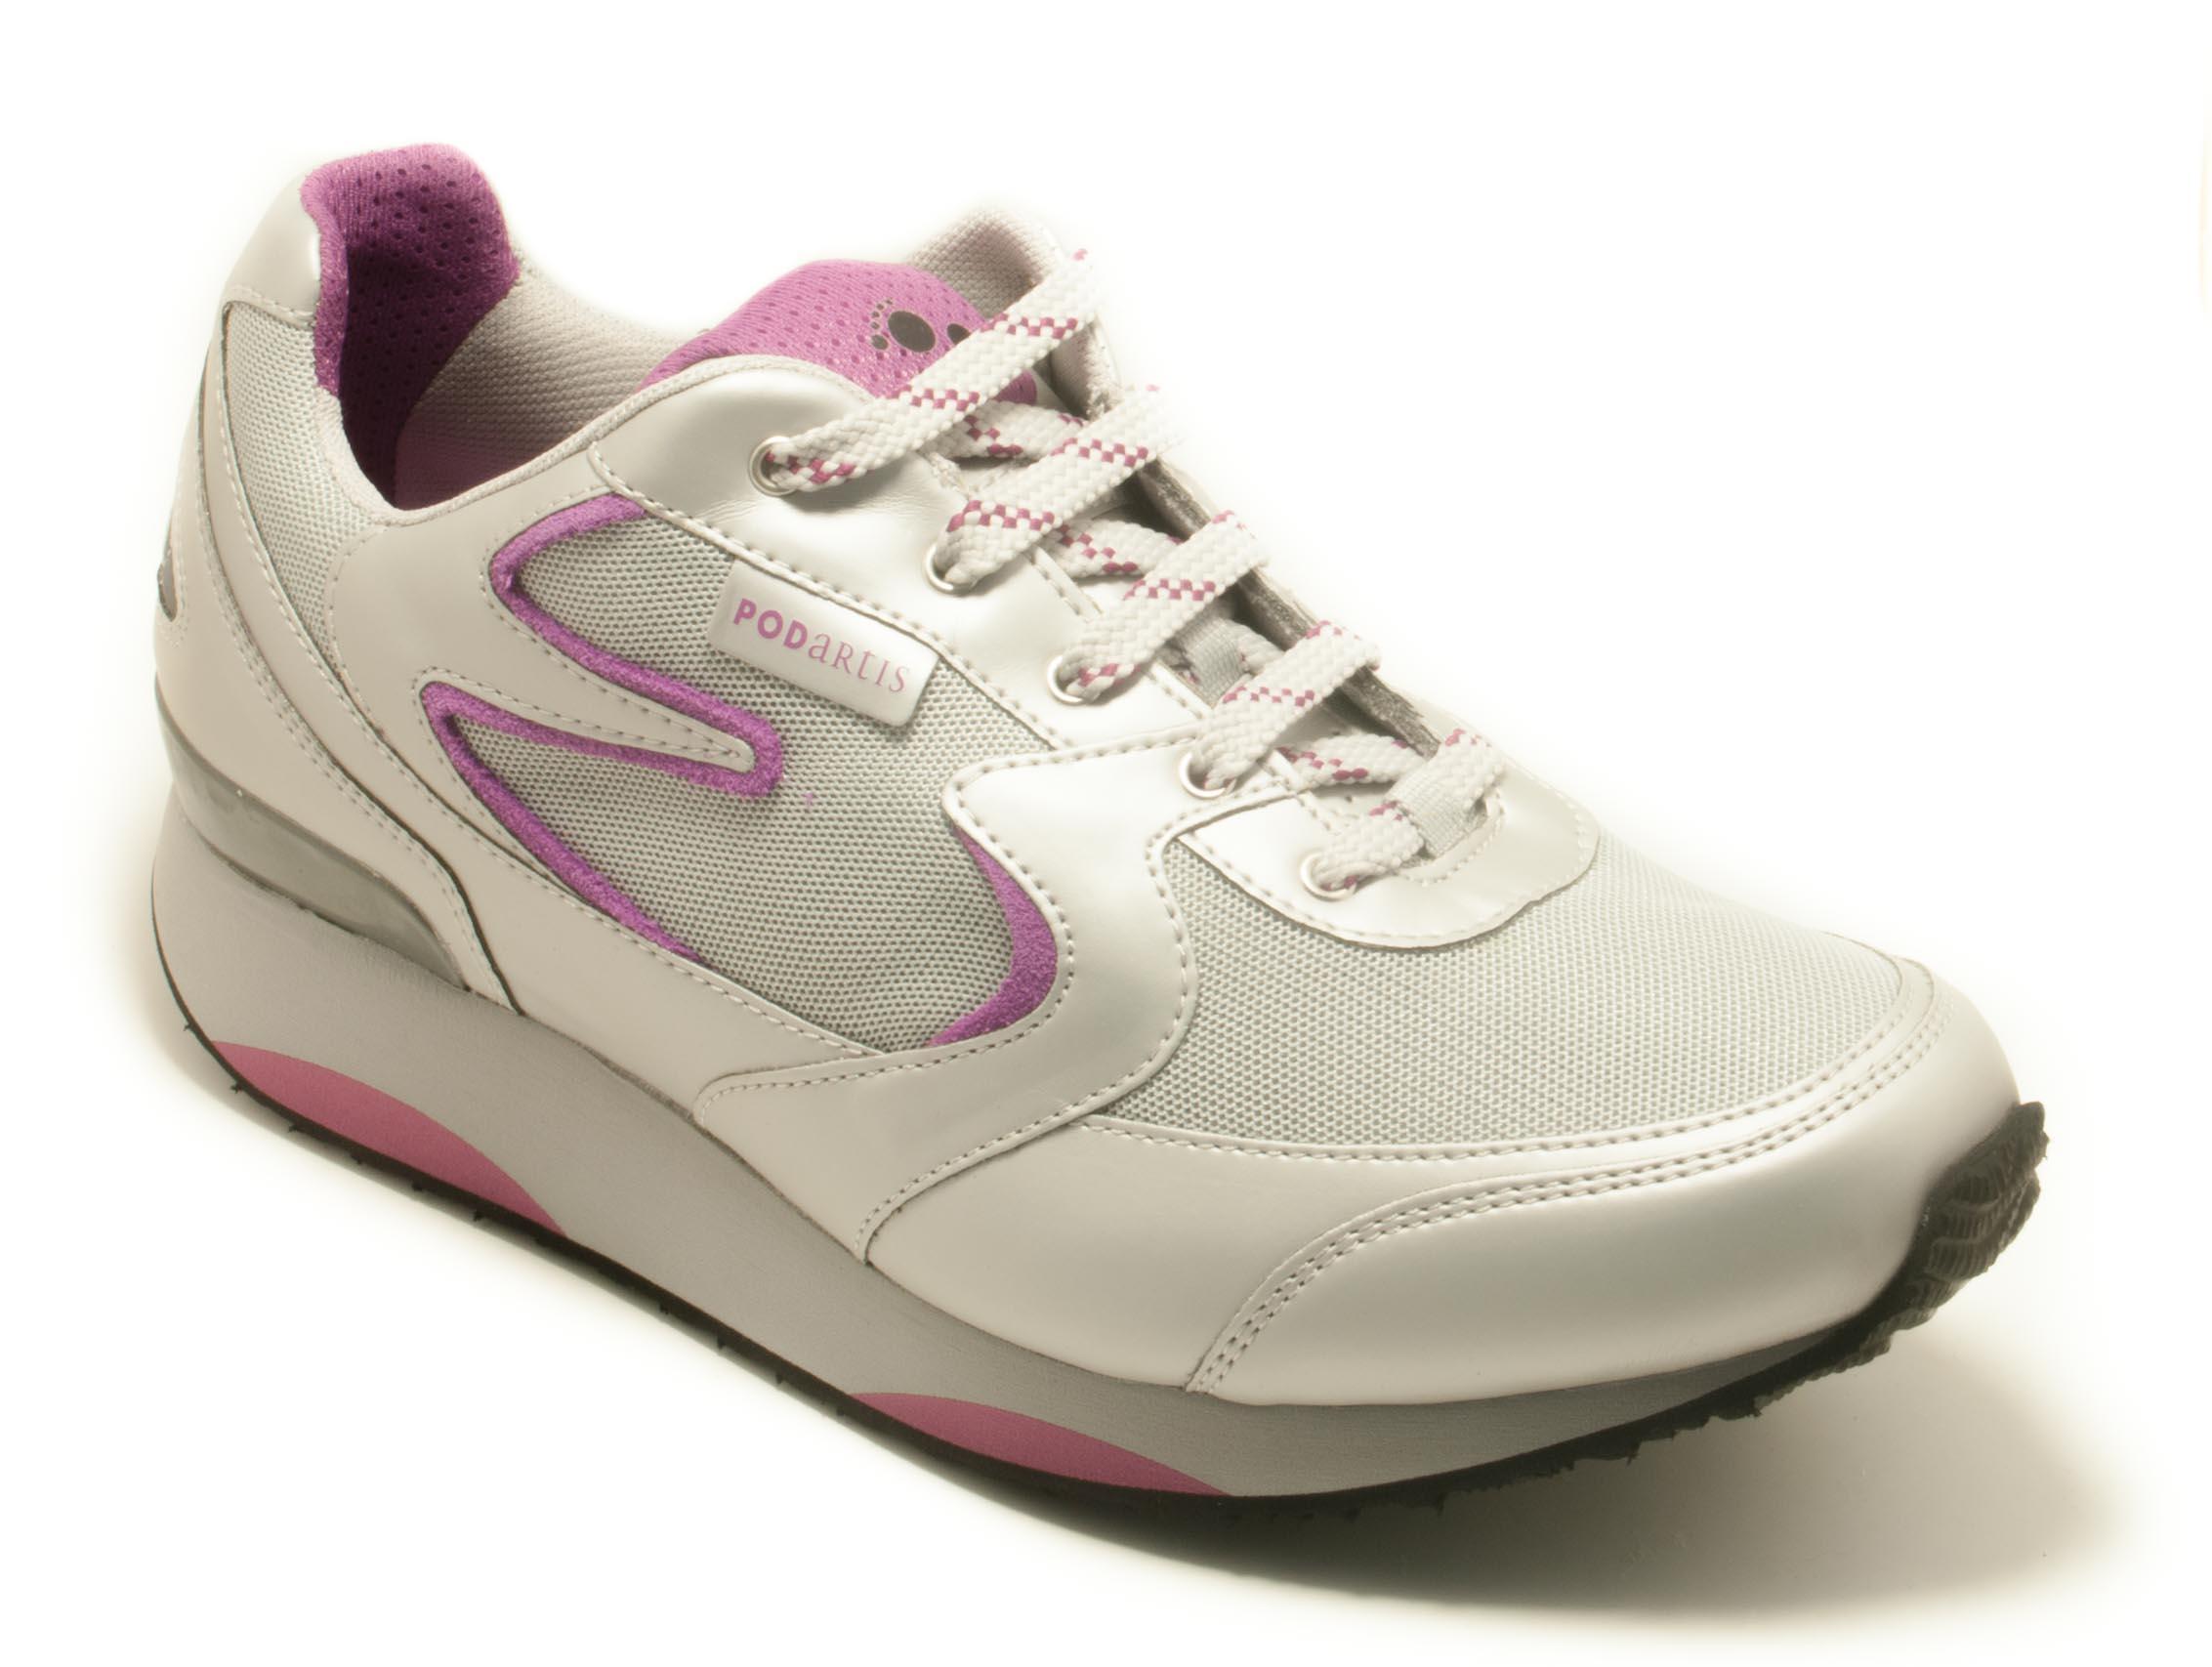 check out e21e8 9fef7 Chaussures-pieds-sensibles-Podartis-Activity-Femme-A.jpg